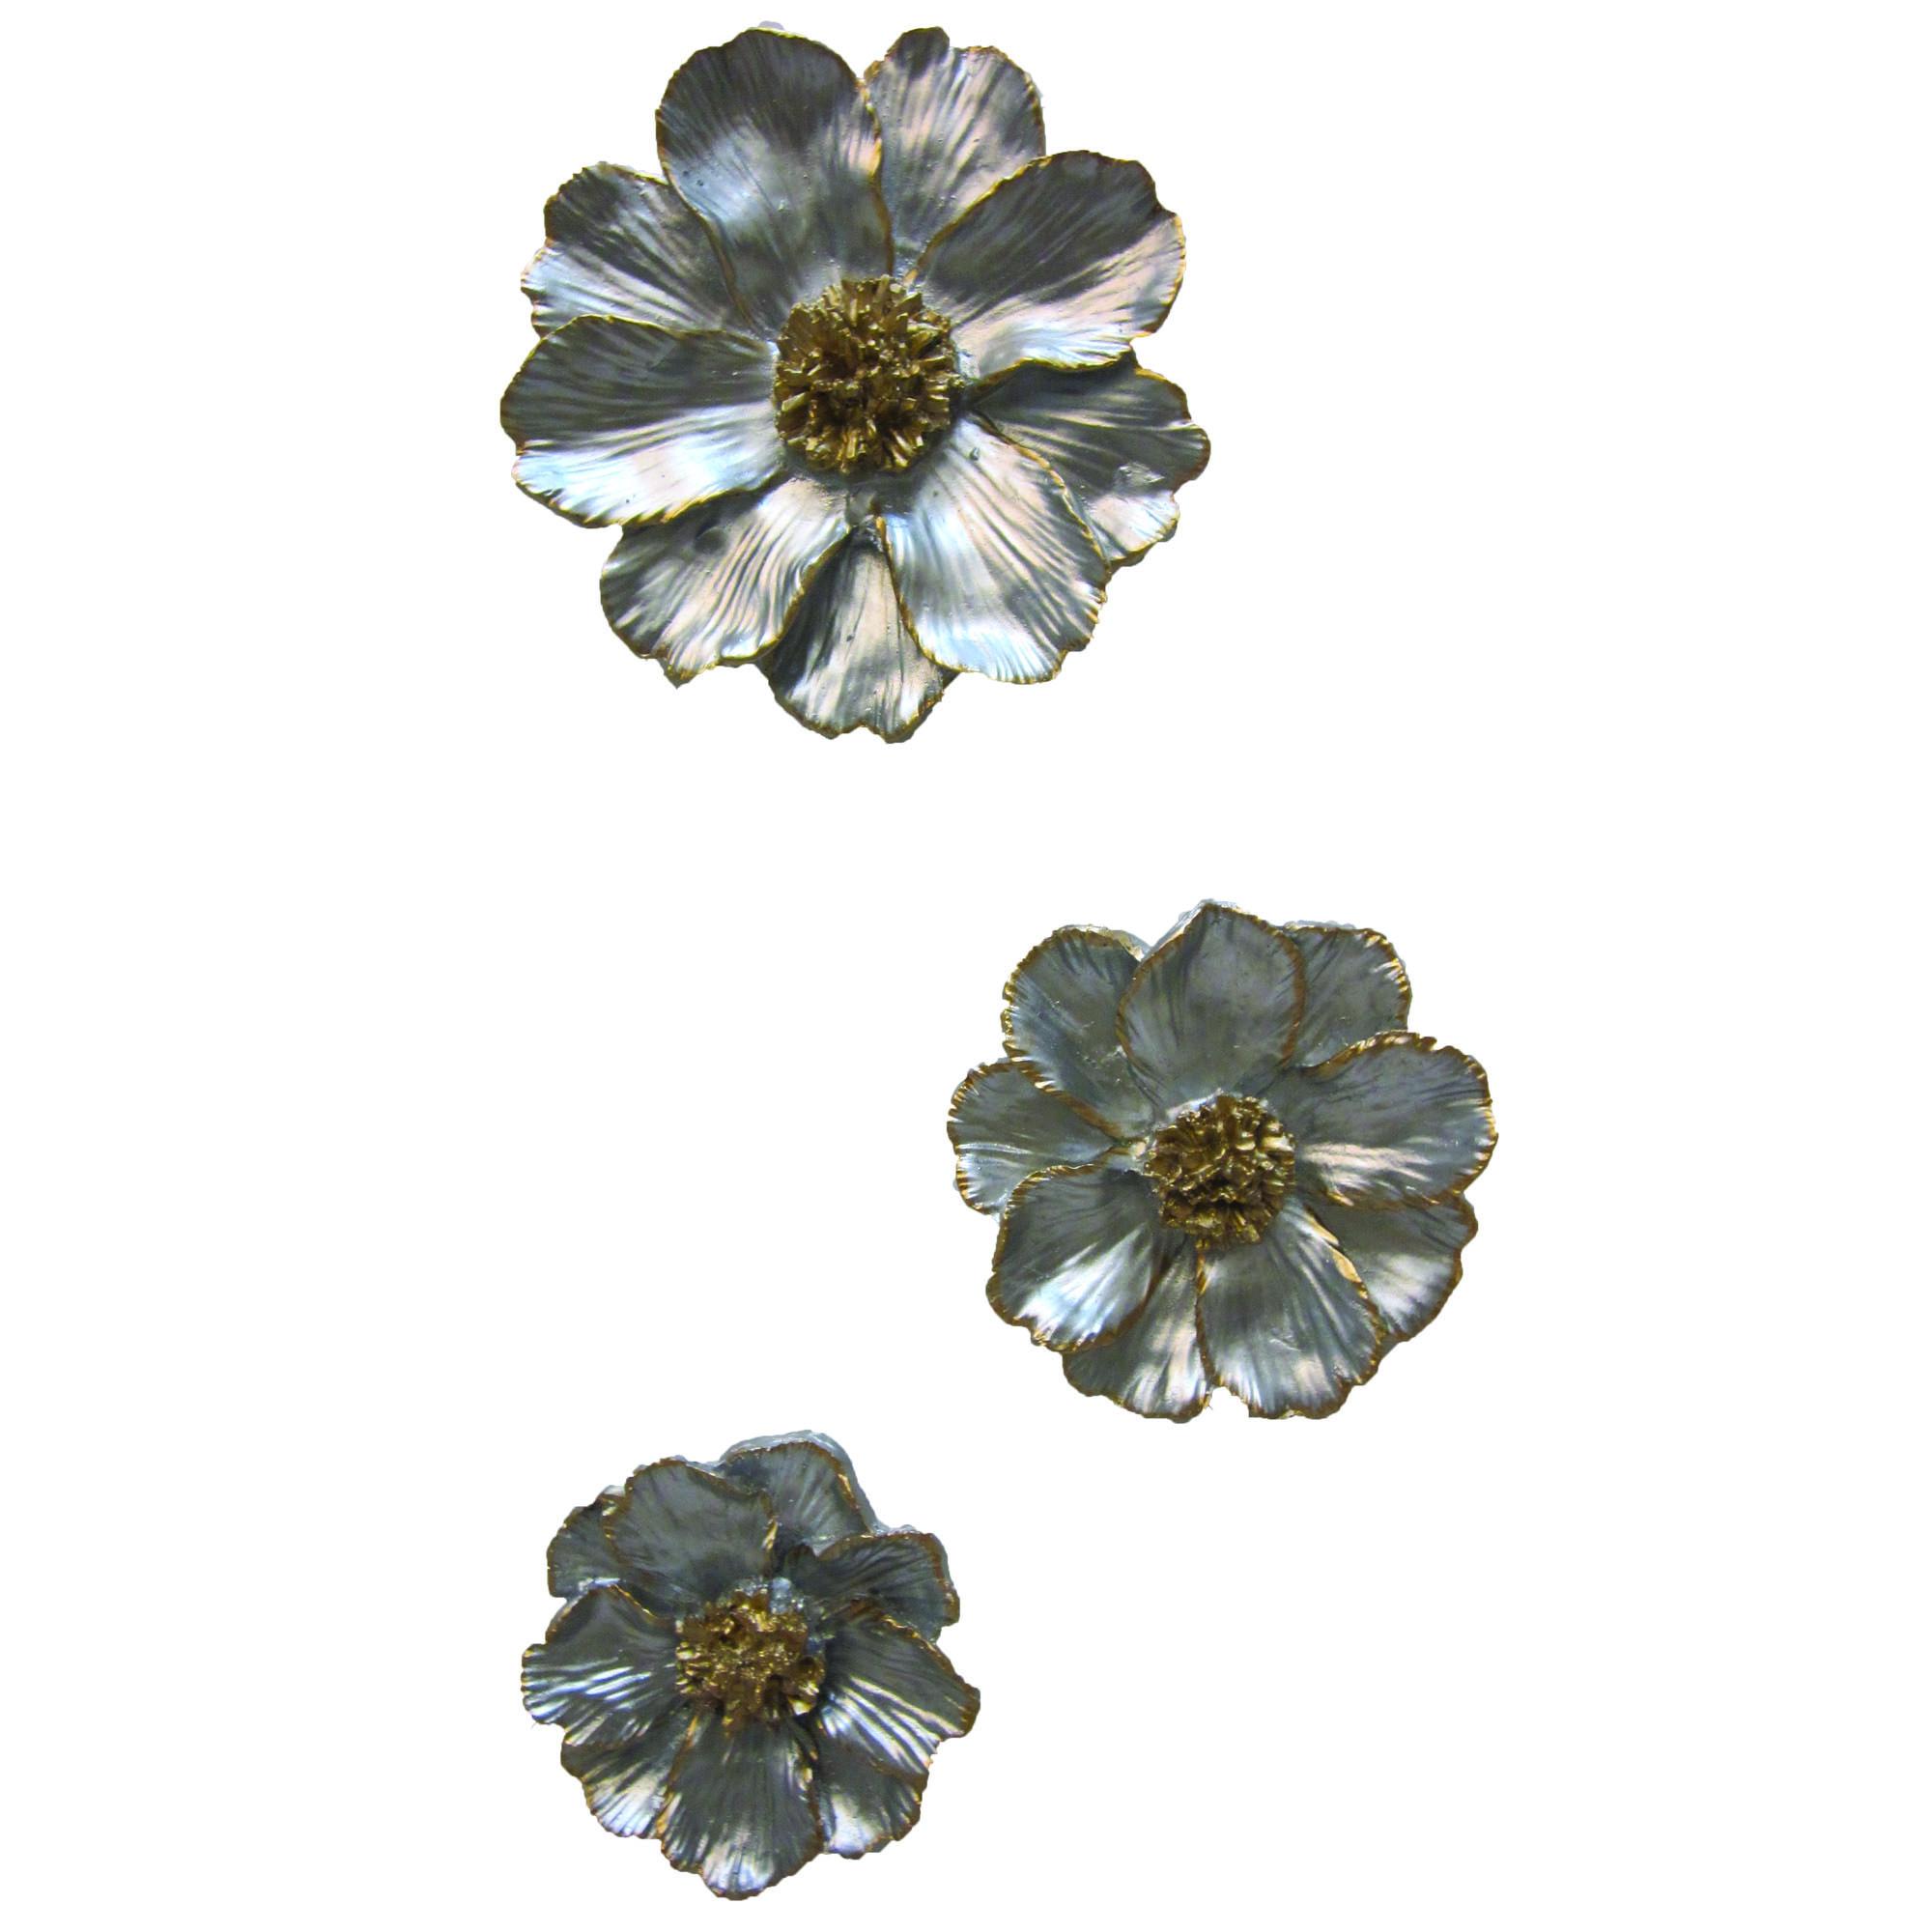 دیوارکوب مدل گل زنبق مجموعه 3 عددی